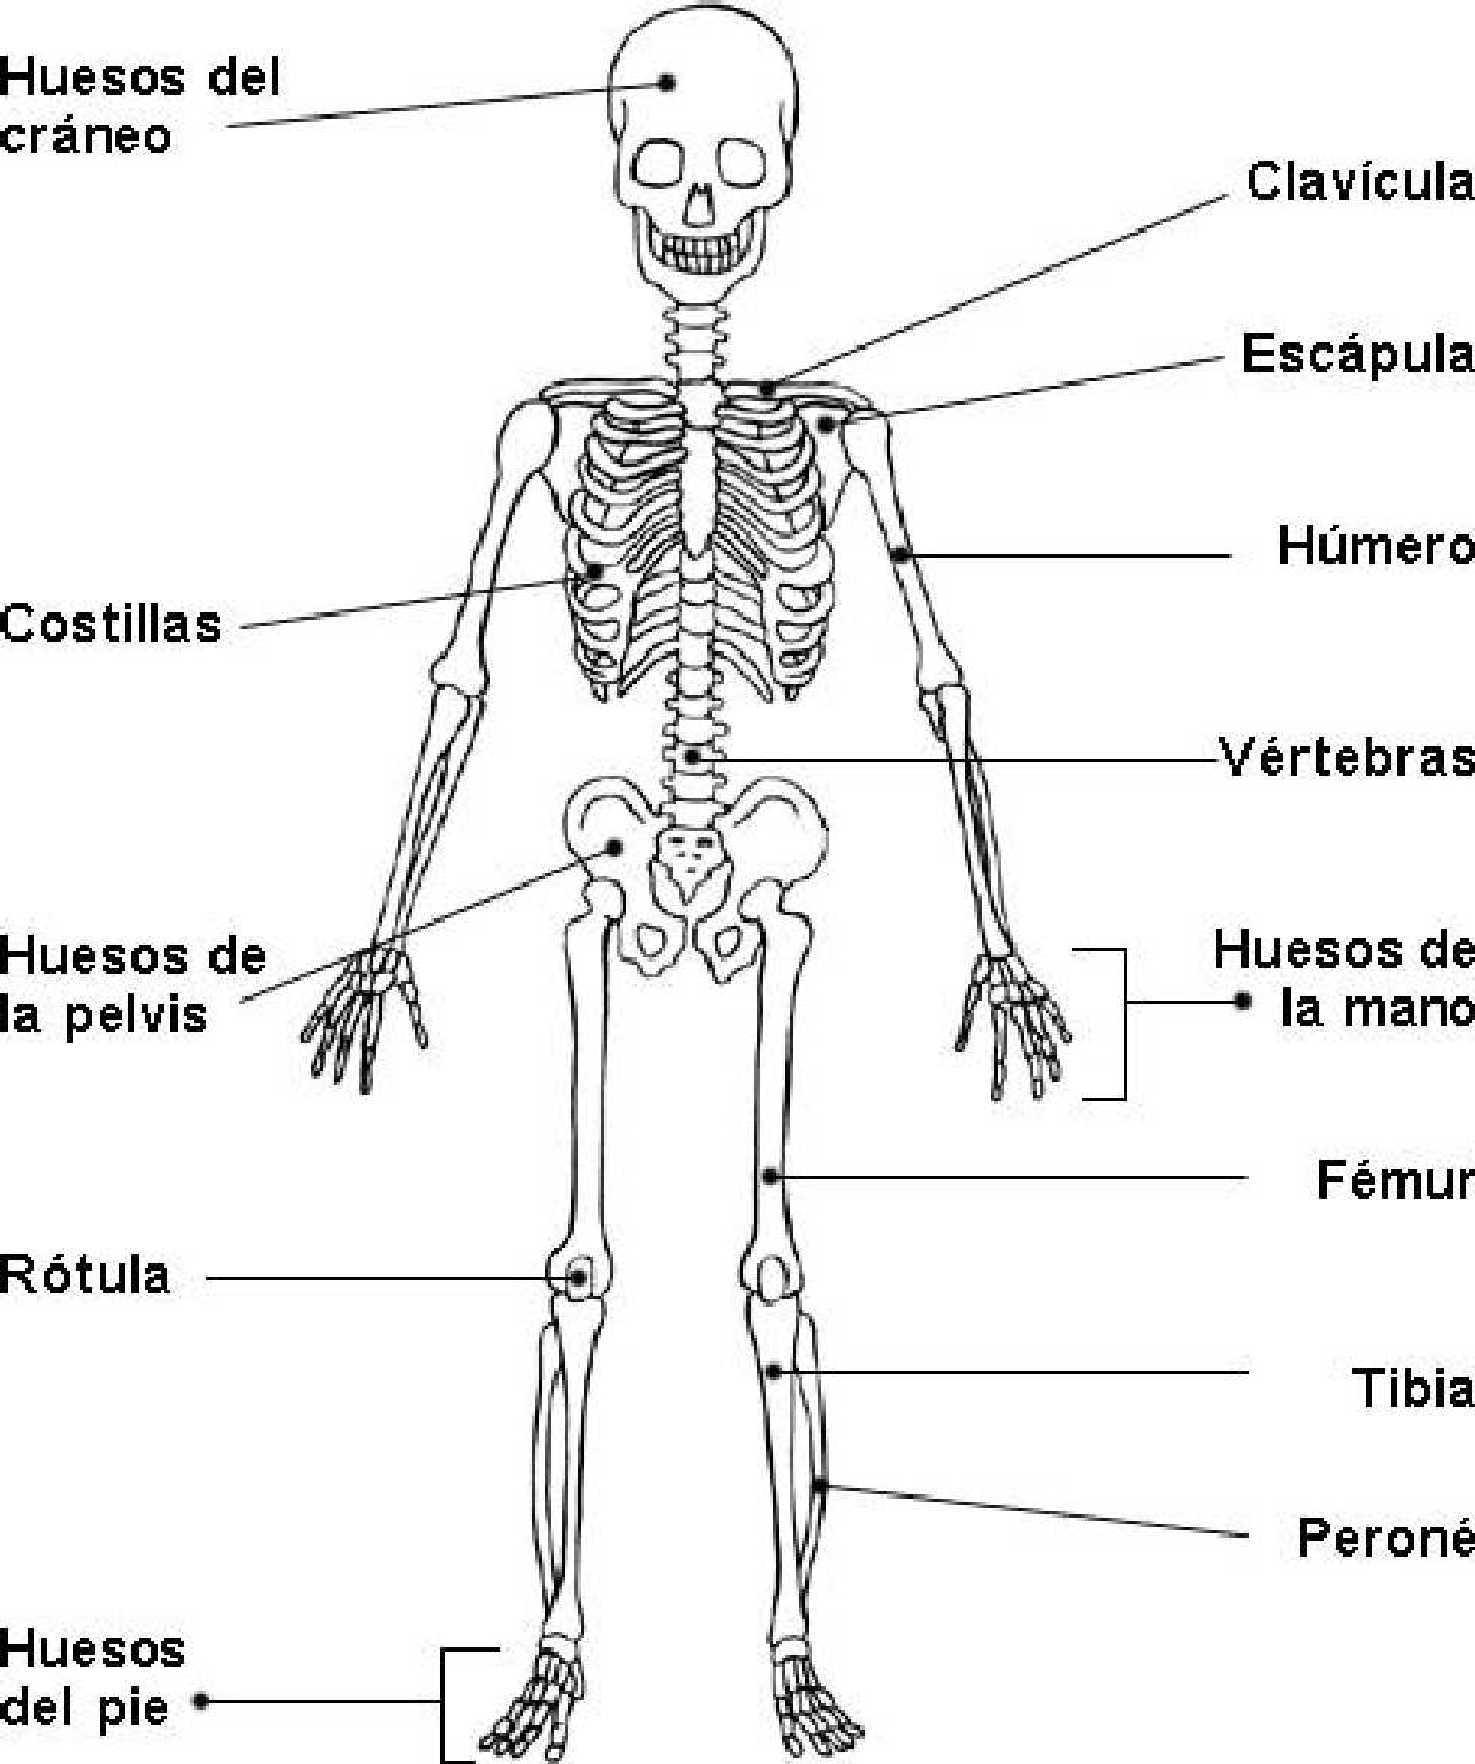 Vistoso La Imagen Del Esqueleto Con El Nombres De Los Huesos Viñeta ...